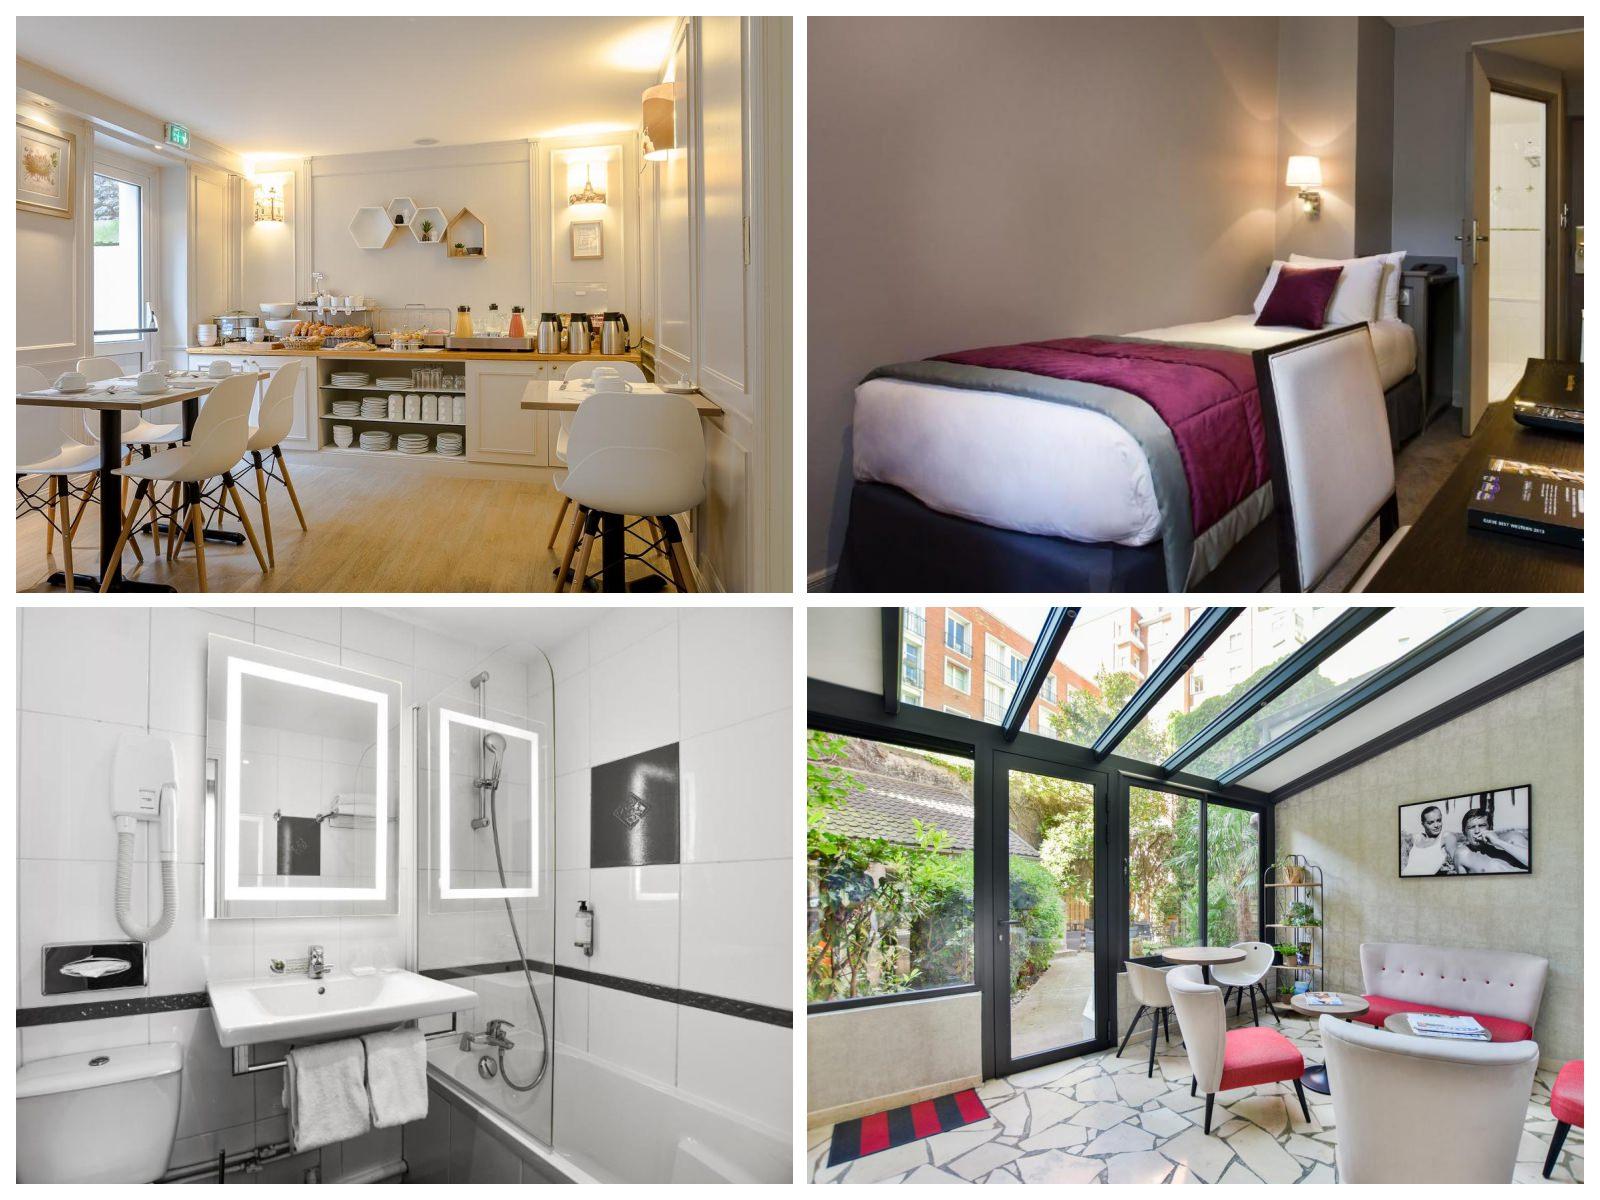 巴黎住宿推薦 適合一個人旅行的平價單人房巴黎飯店